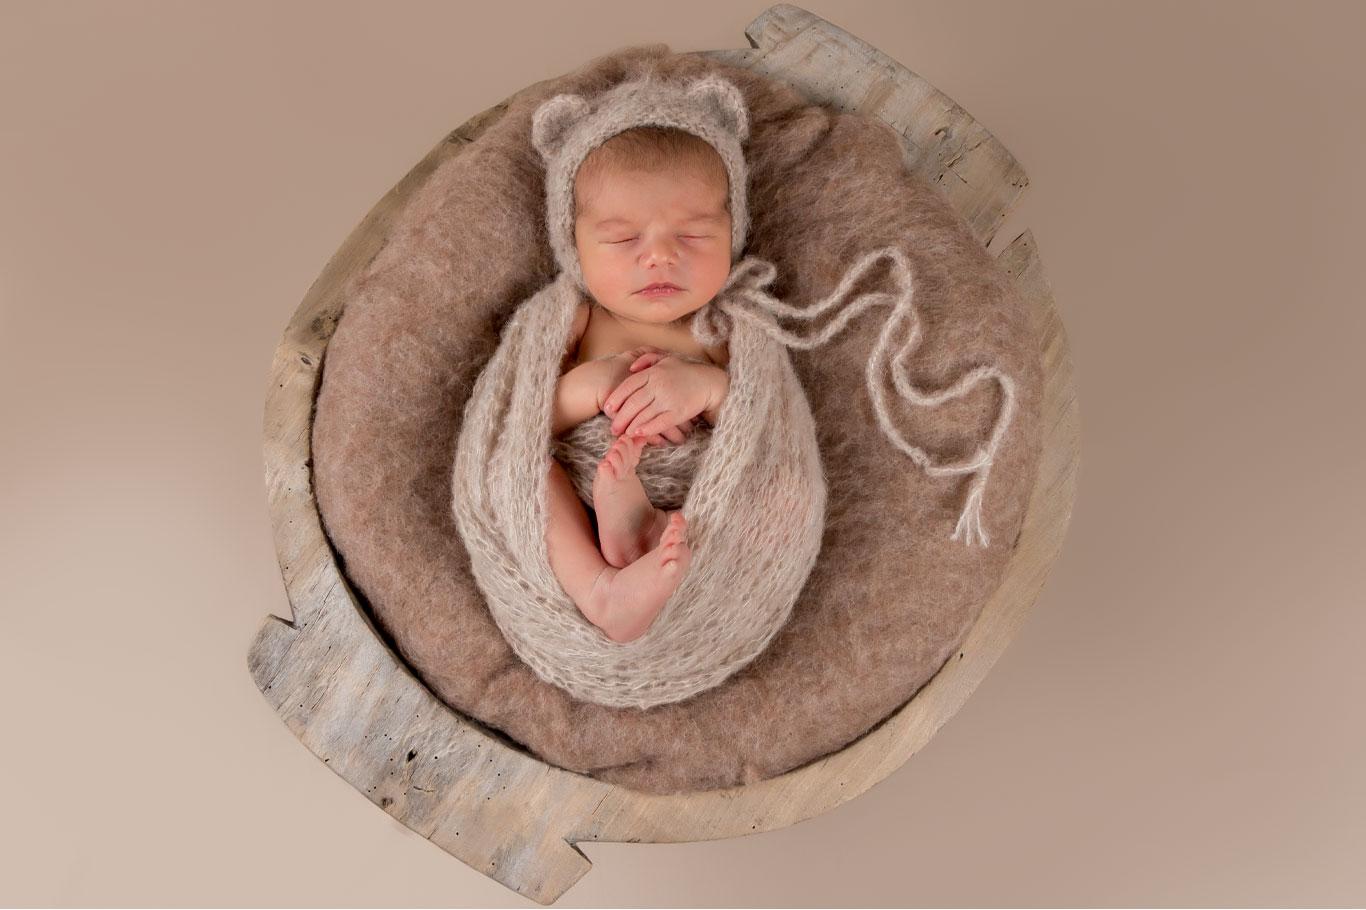 novorođena beba spava u drvenom lavoru na drap pozadini